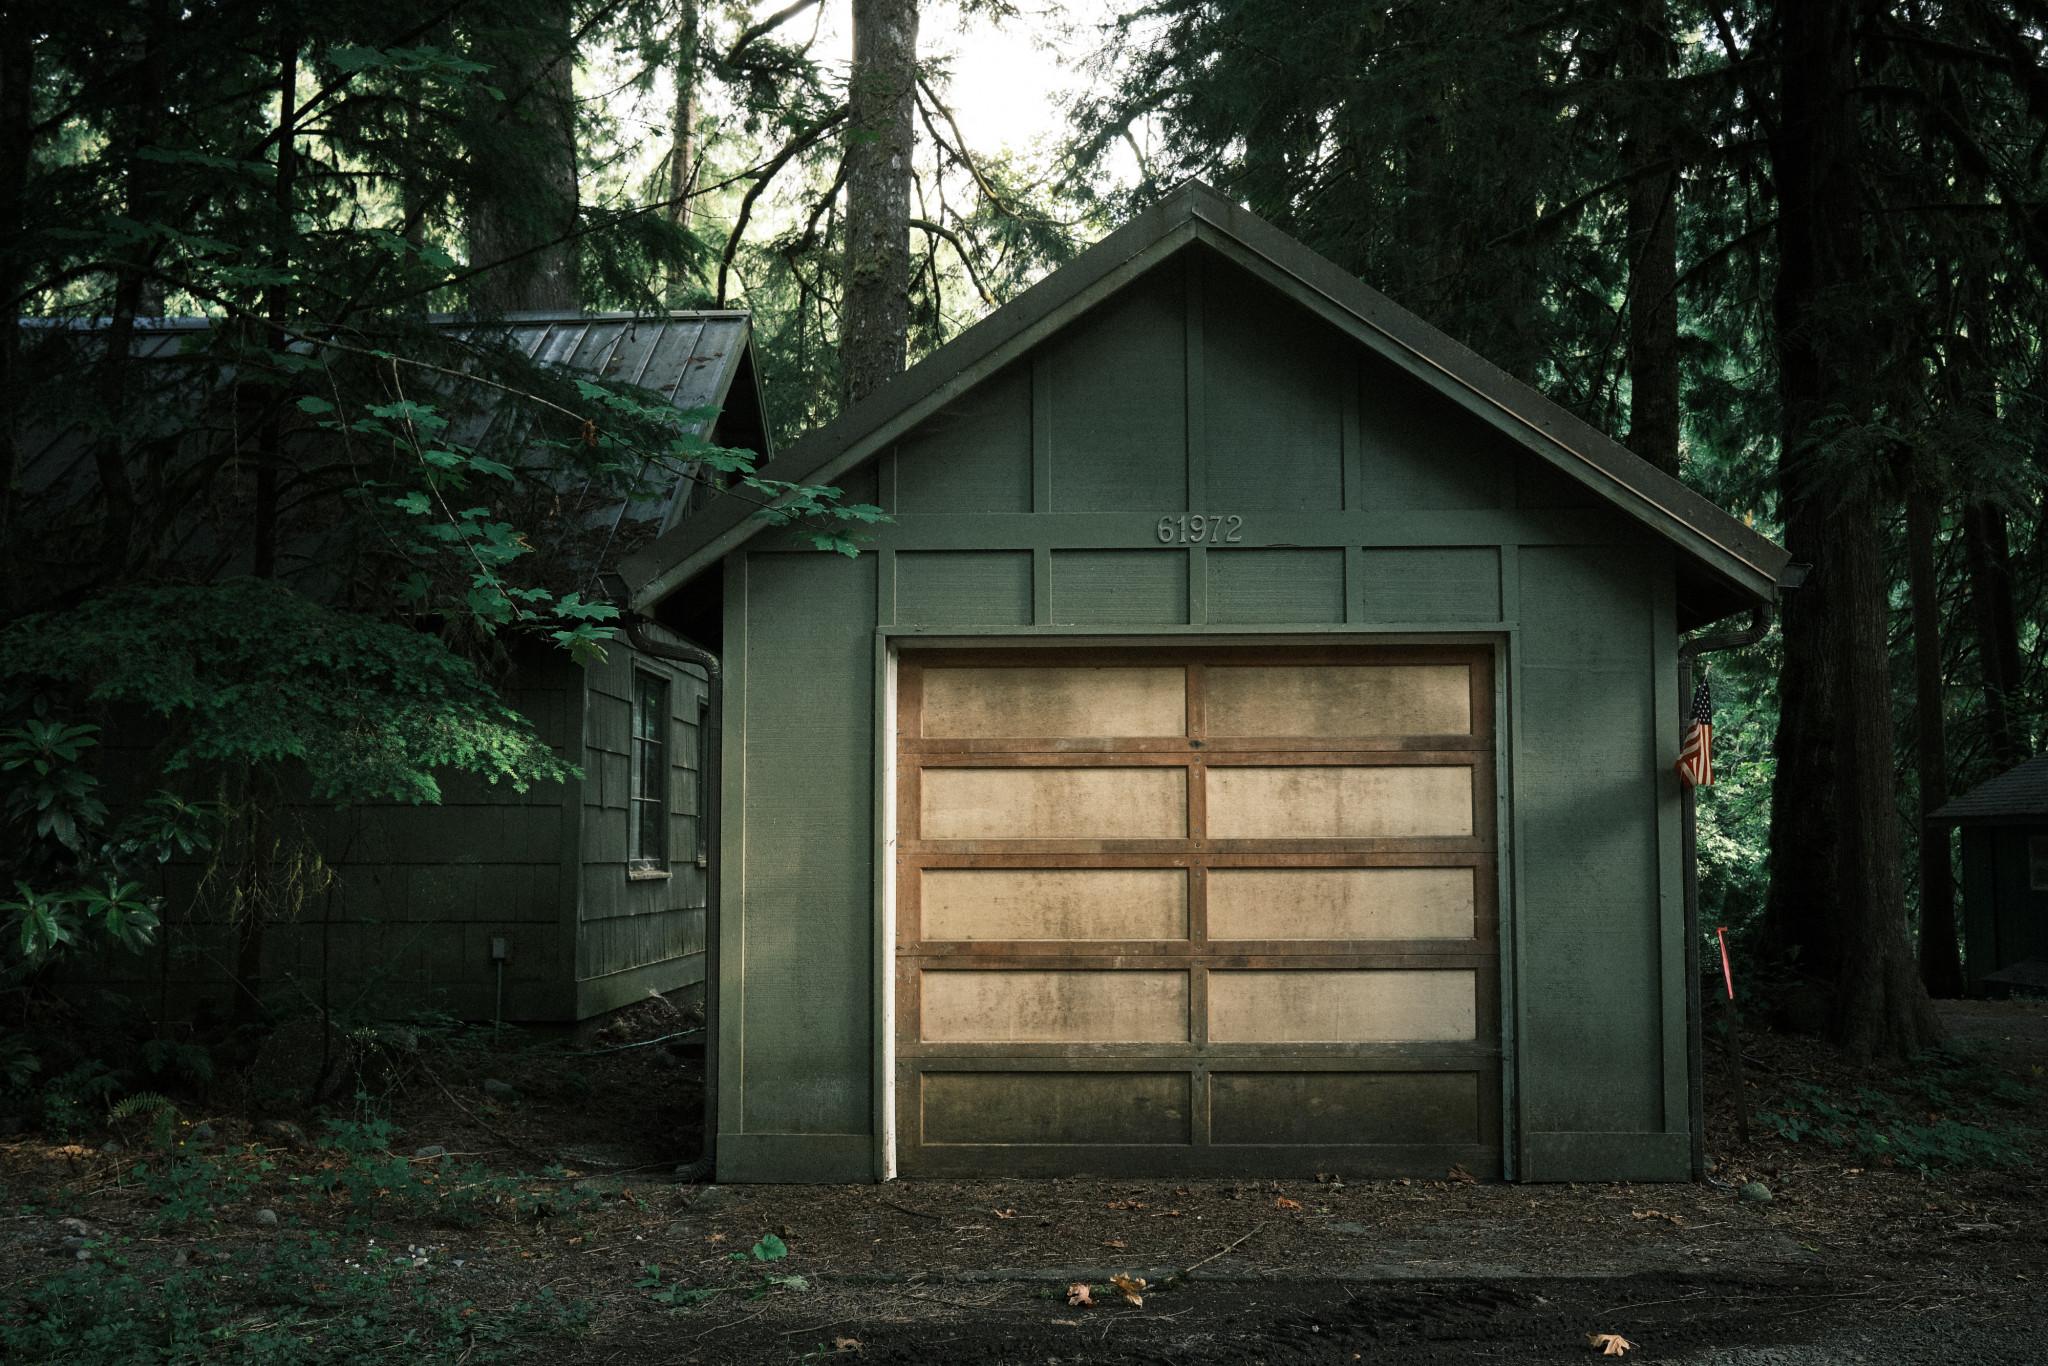 13-Garage.jpg